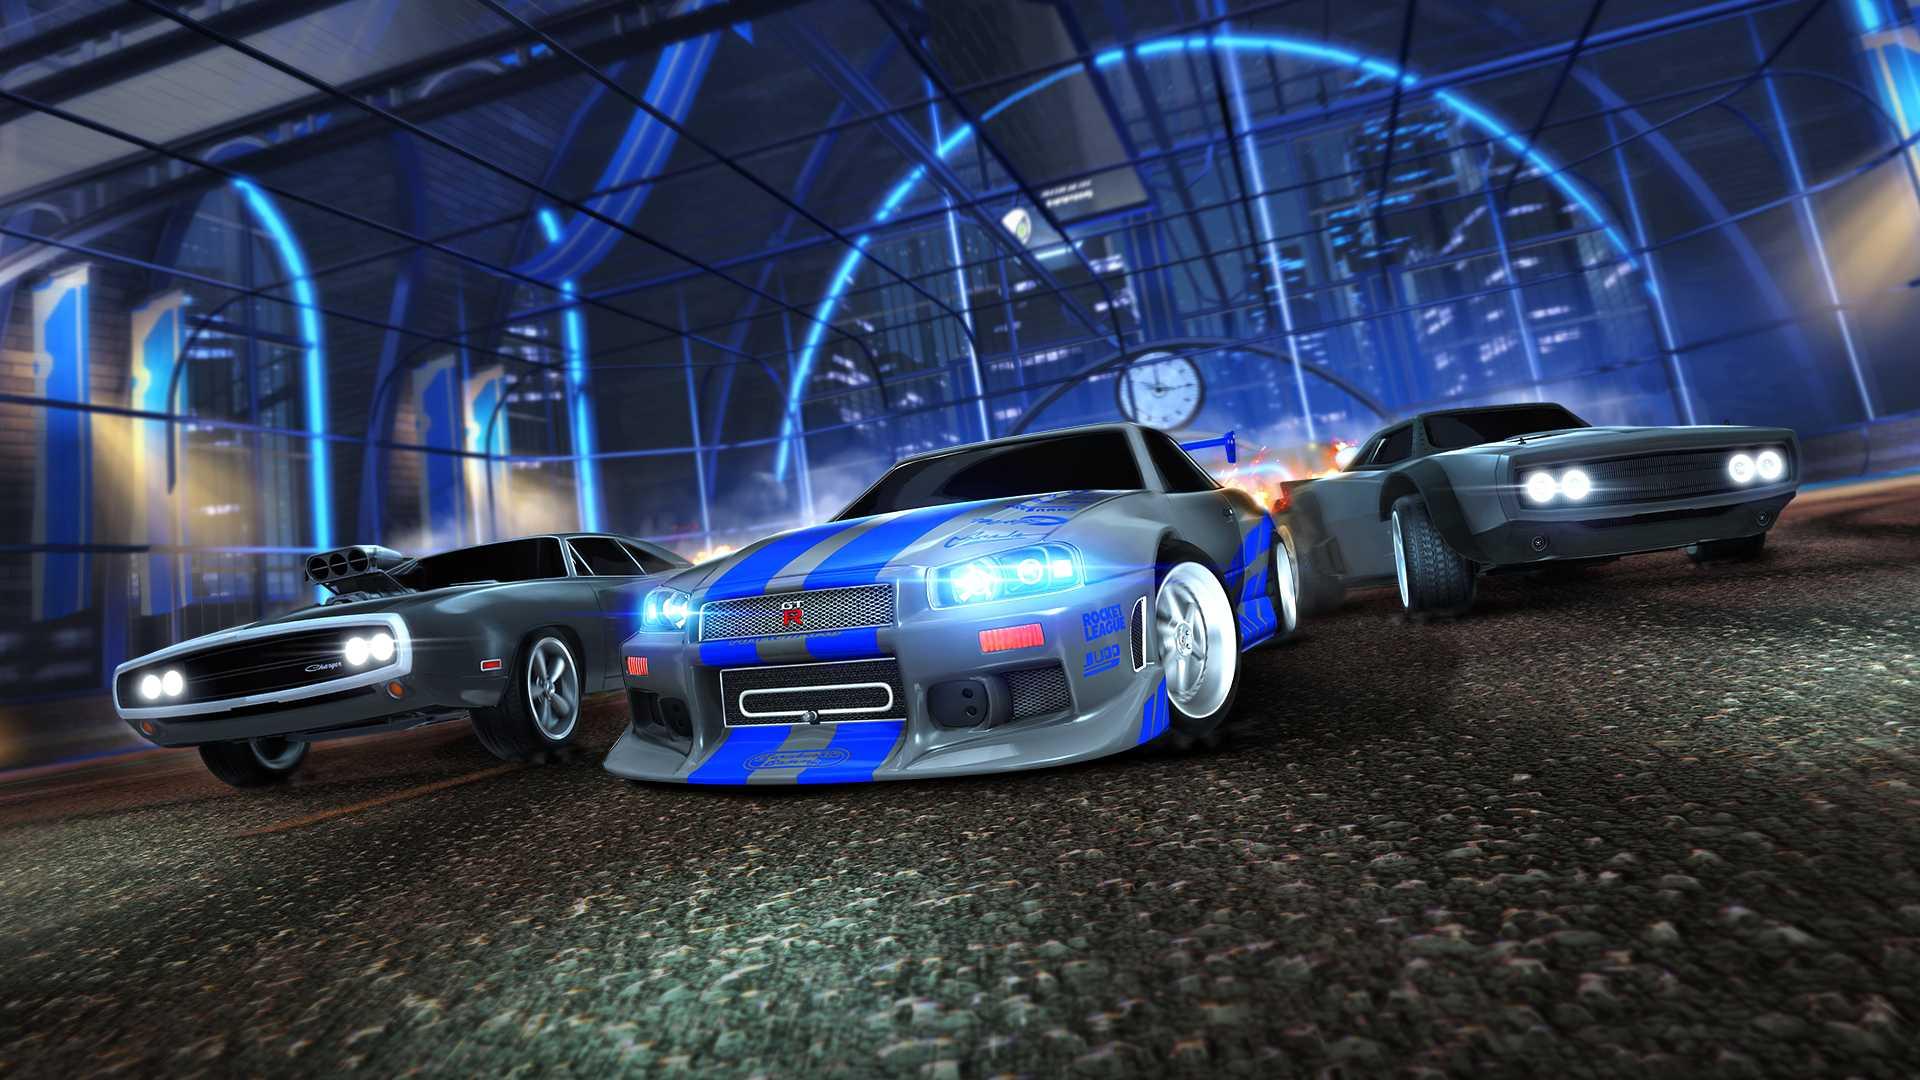 Buy Rocket League Fast Amp Furious DLC Bundle Xbox